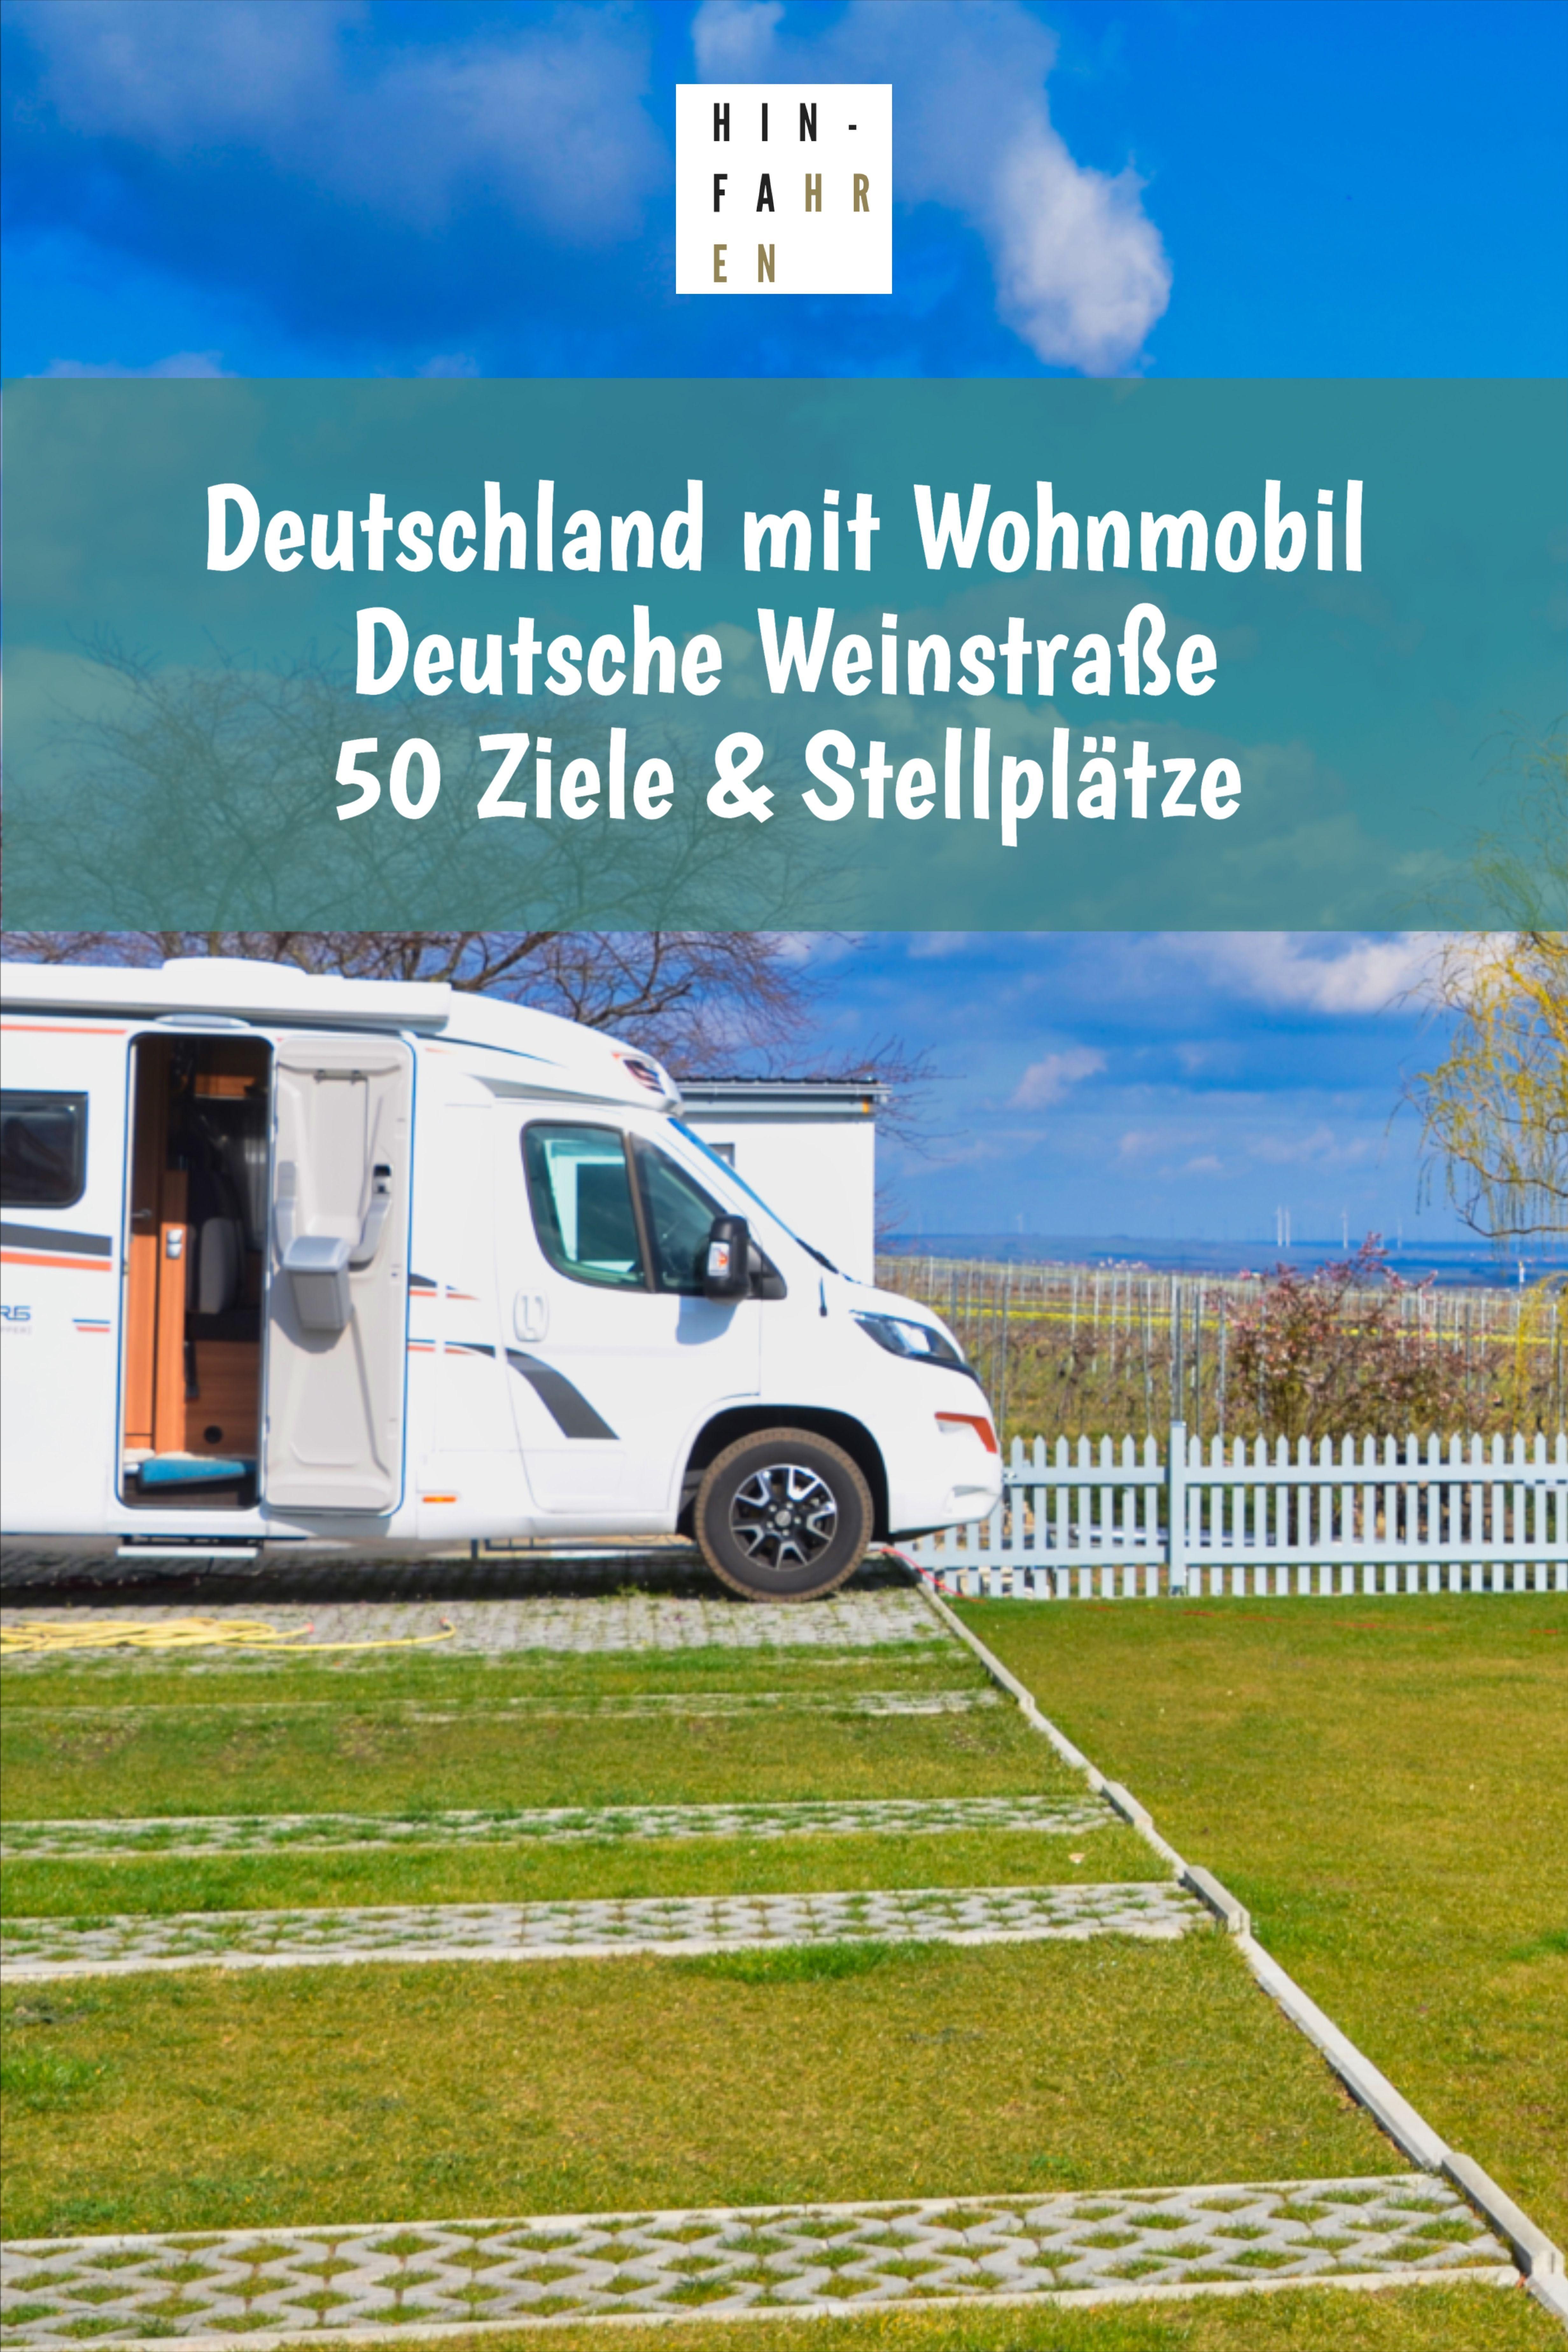 Ziele mit Wohnmobil in Deutschland: Die Deutsche Weinstraße in der